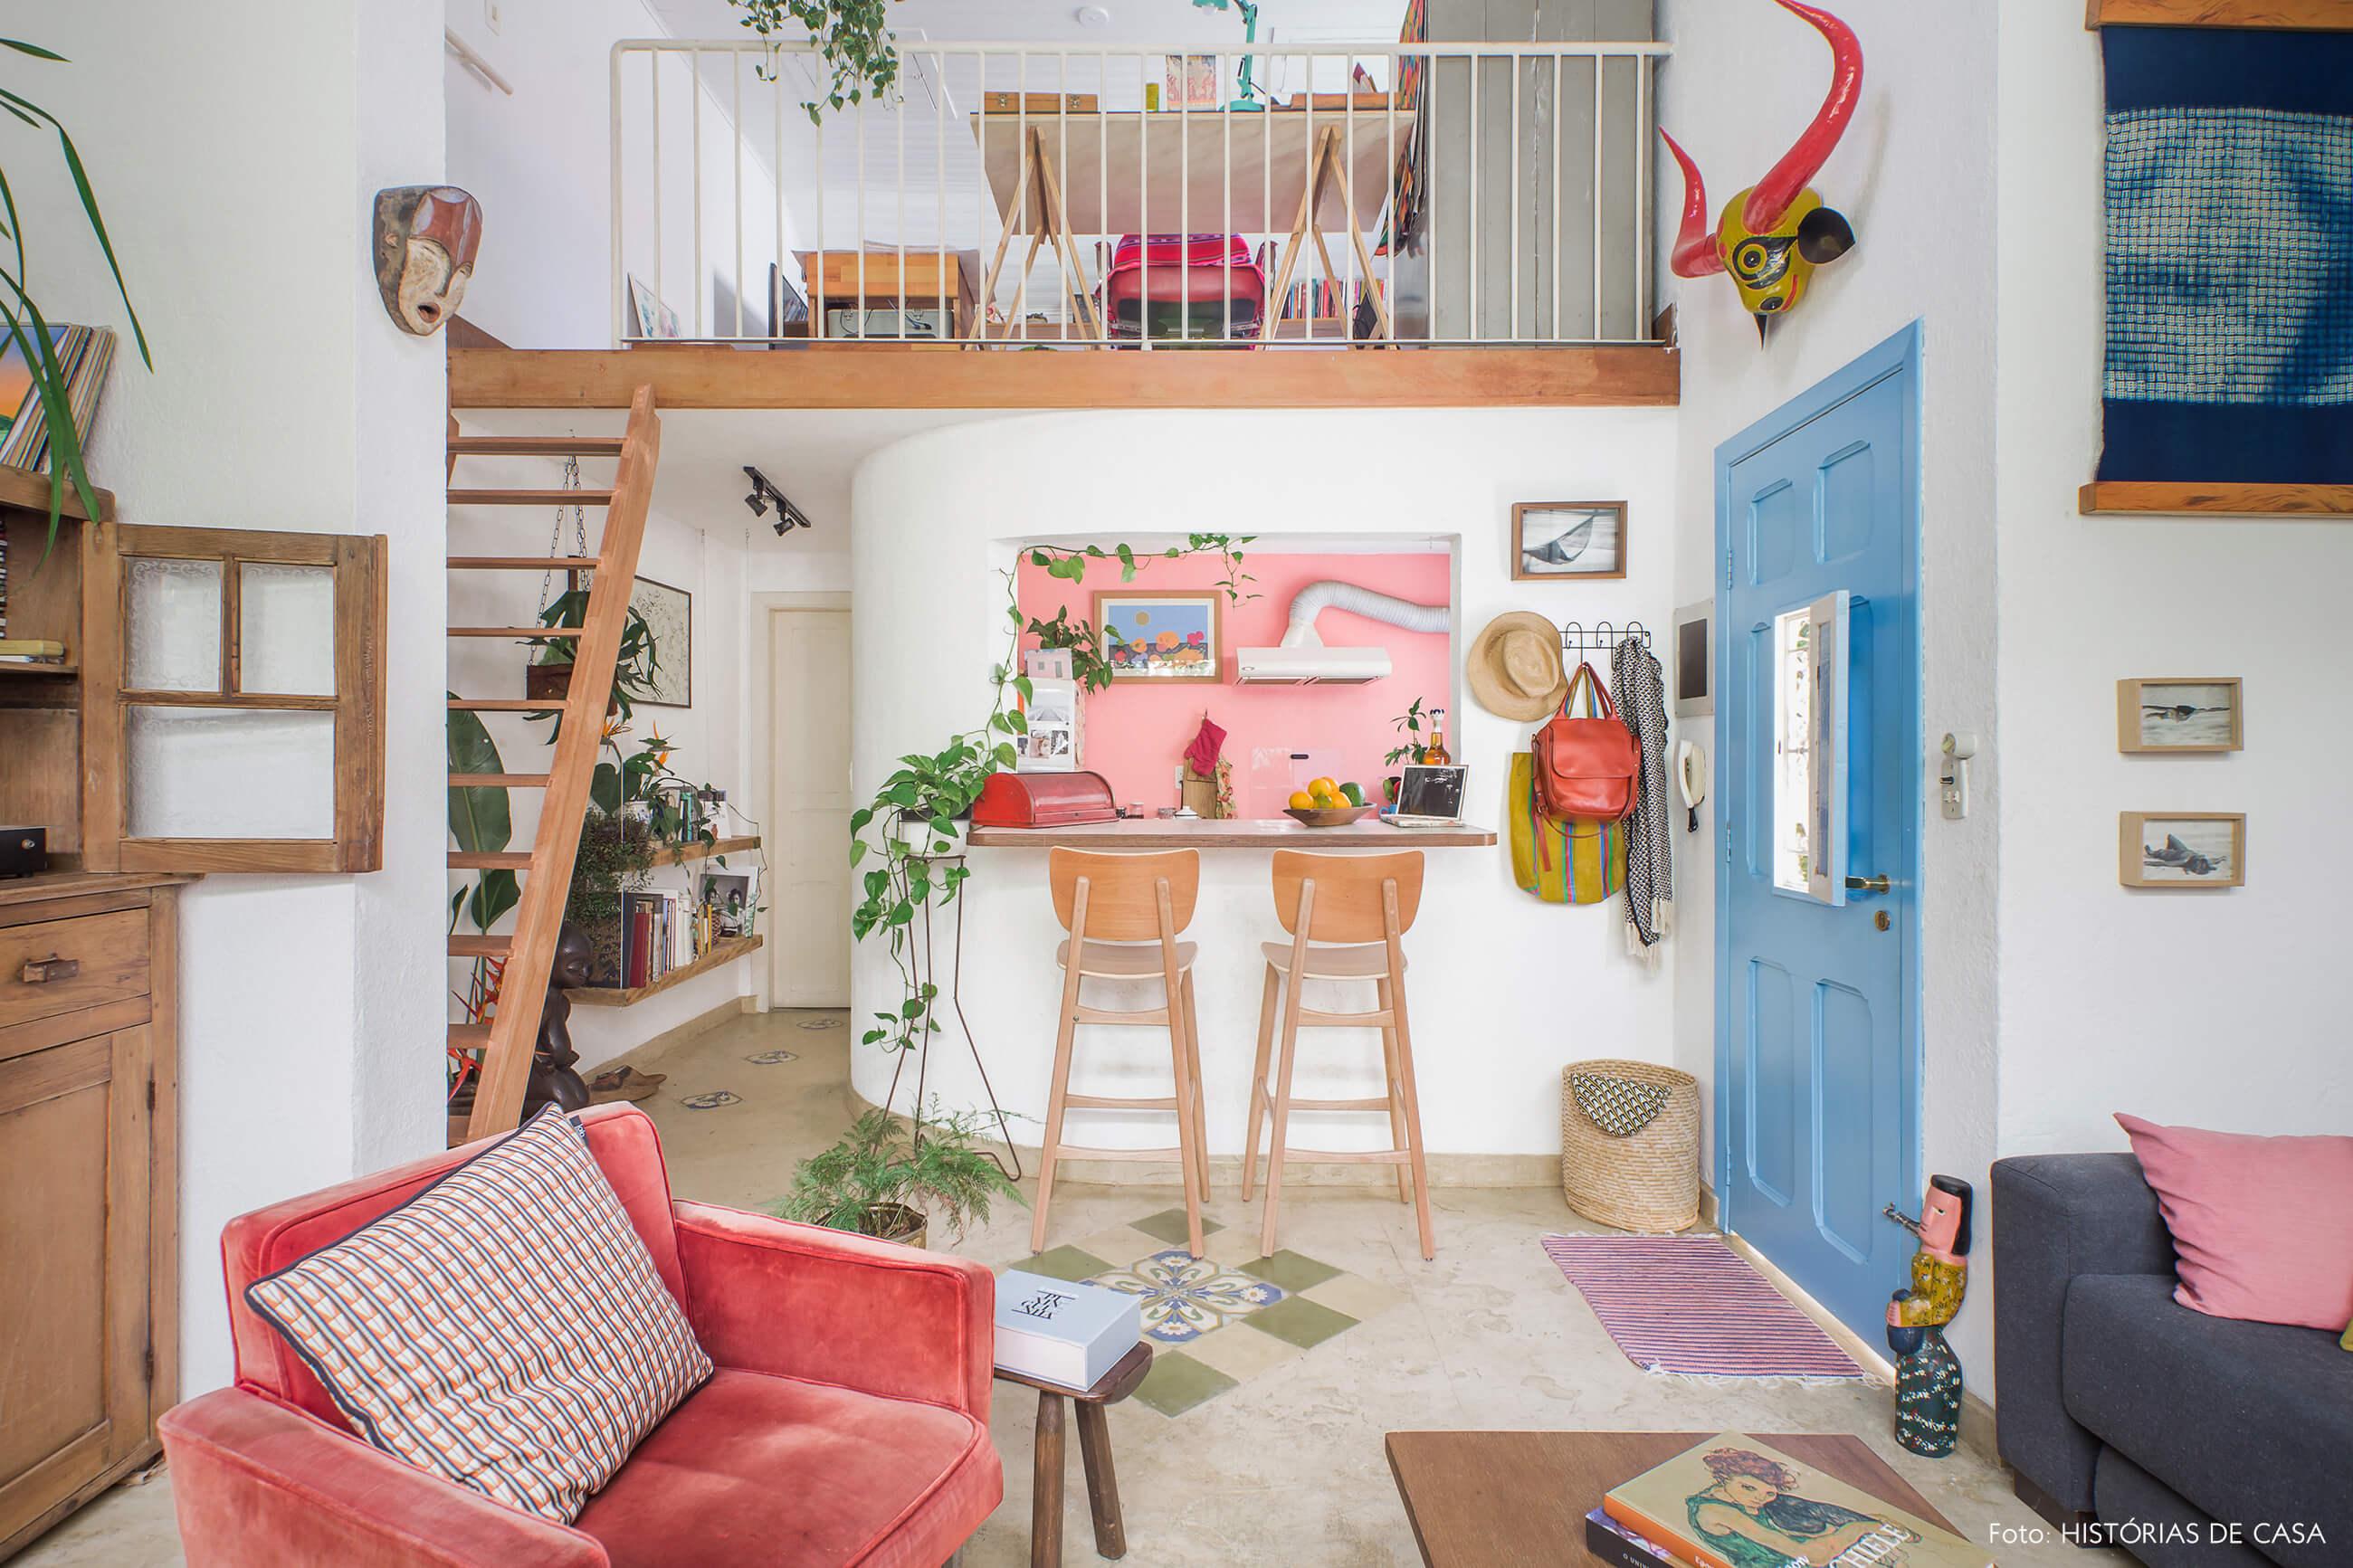 Casa com mezanino e detalhes bem coloridos